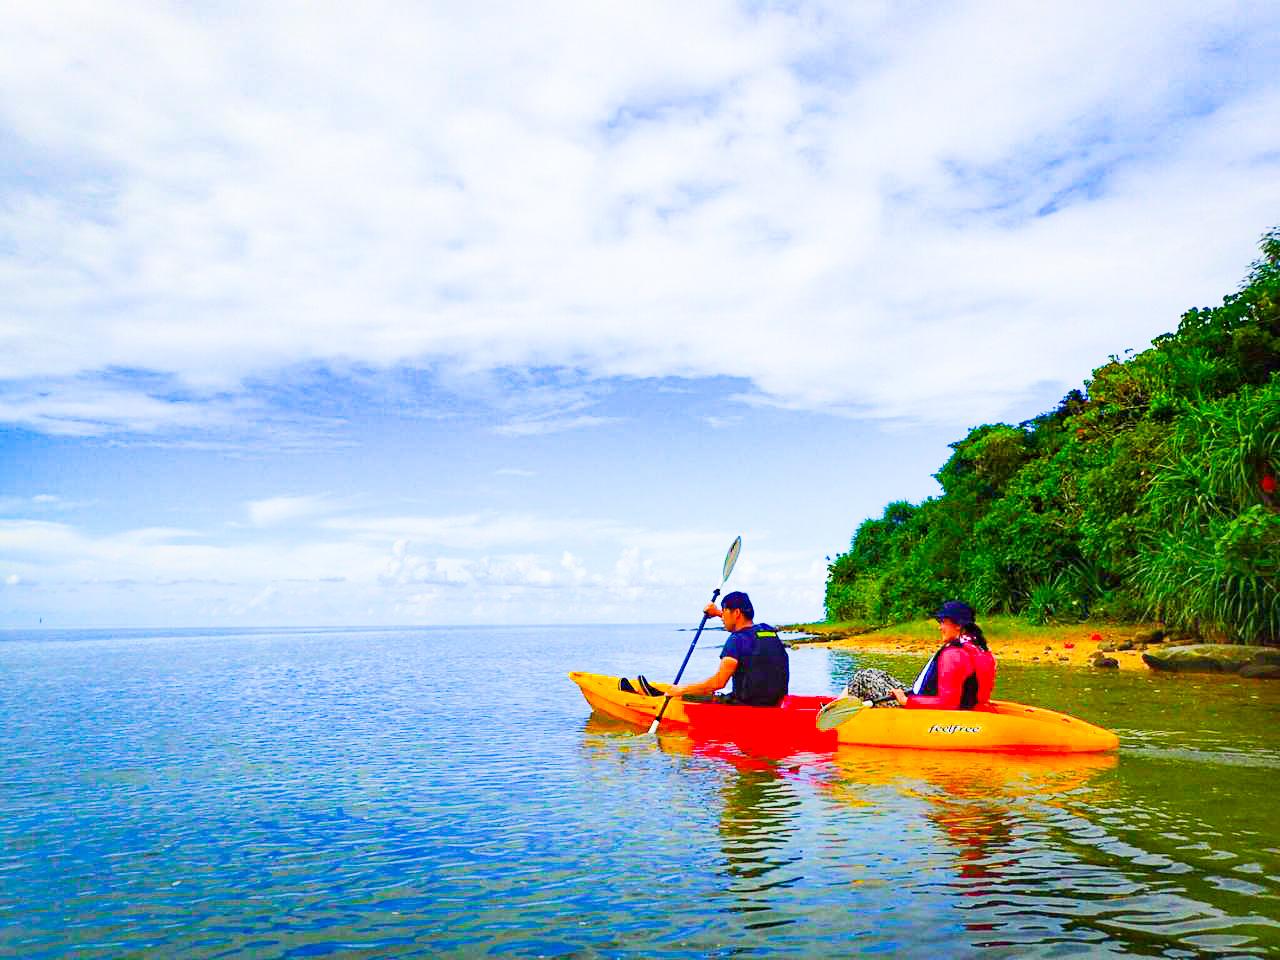 川平湾でのシーカヤックアクティビティ